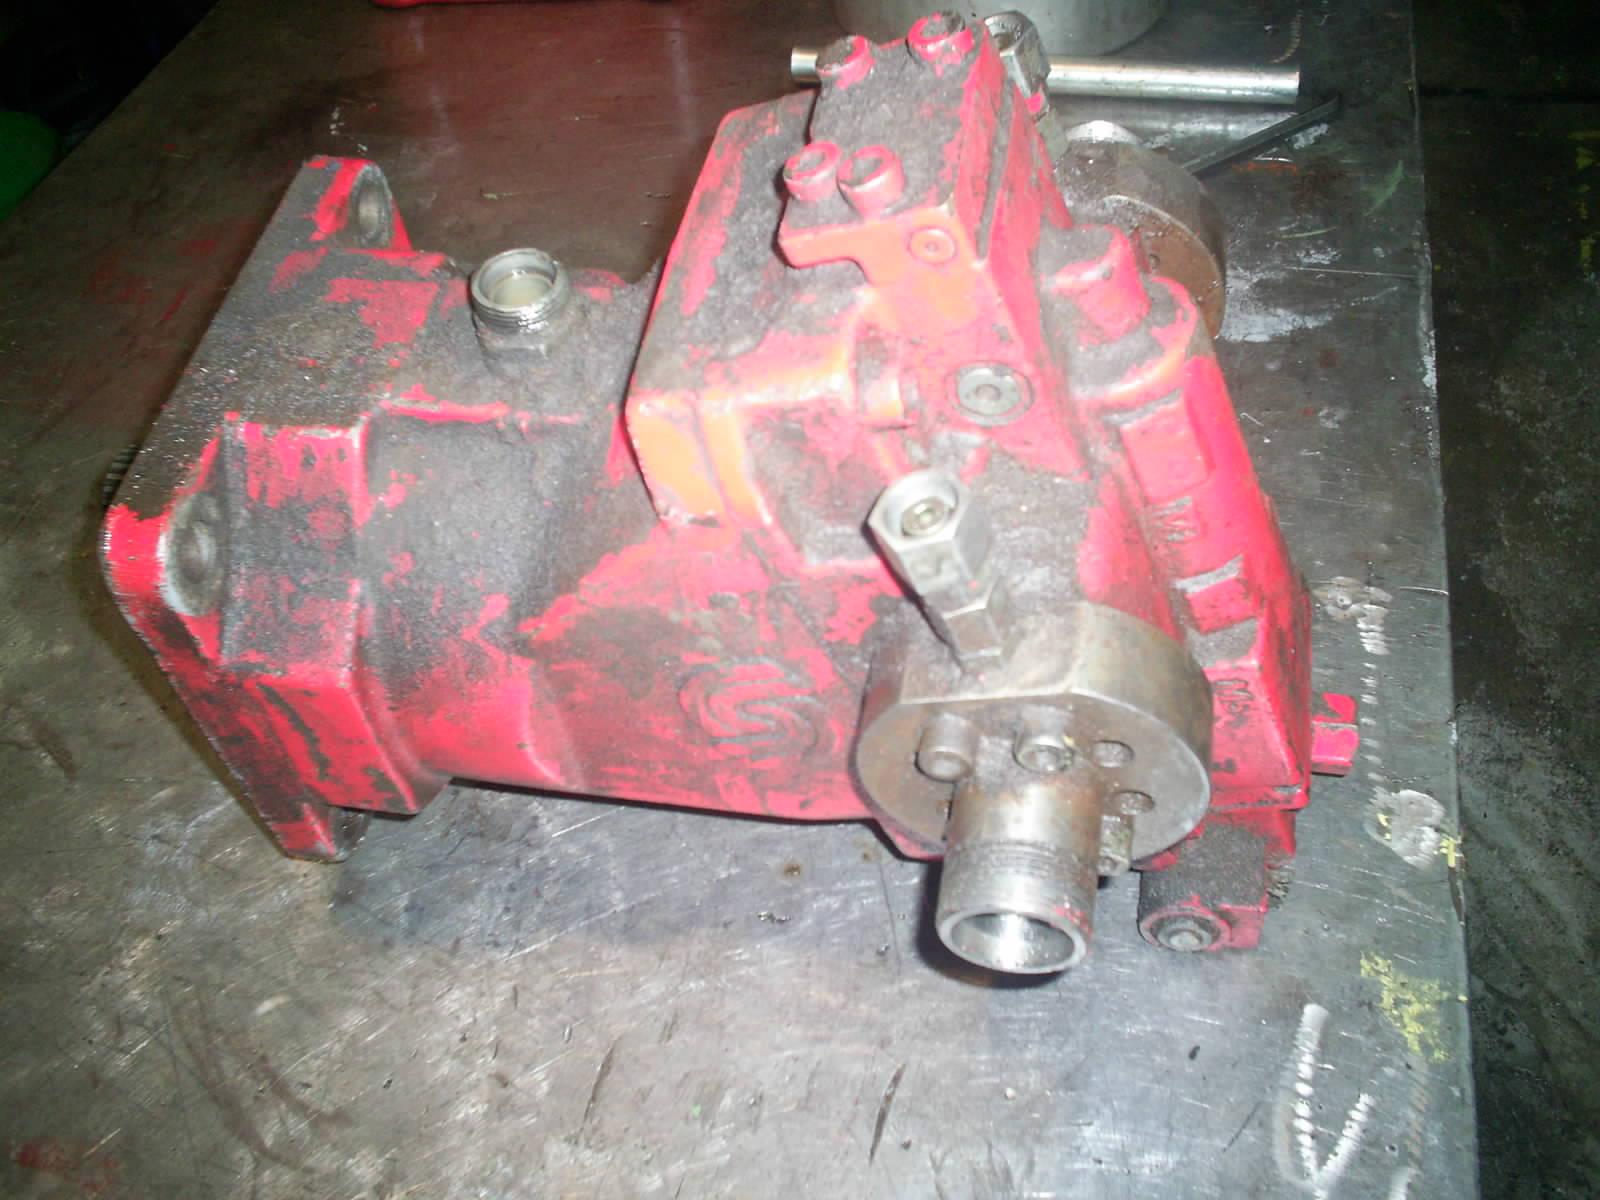 moteur_hydraulique_sauer_danfoss_51v.JPG